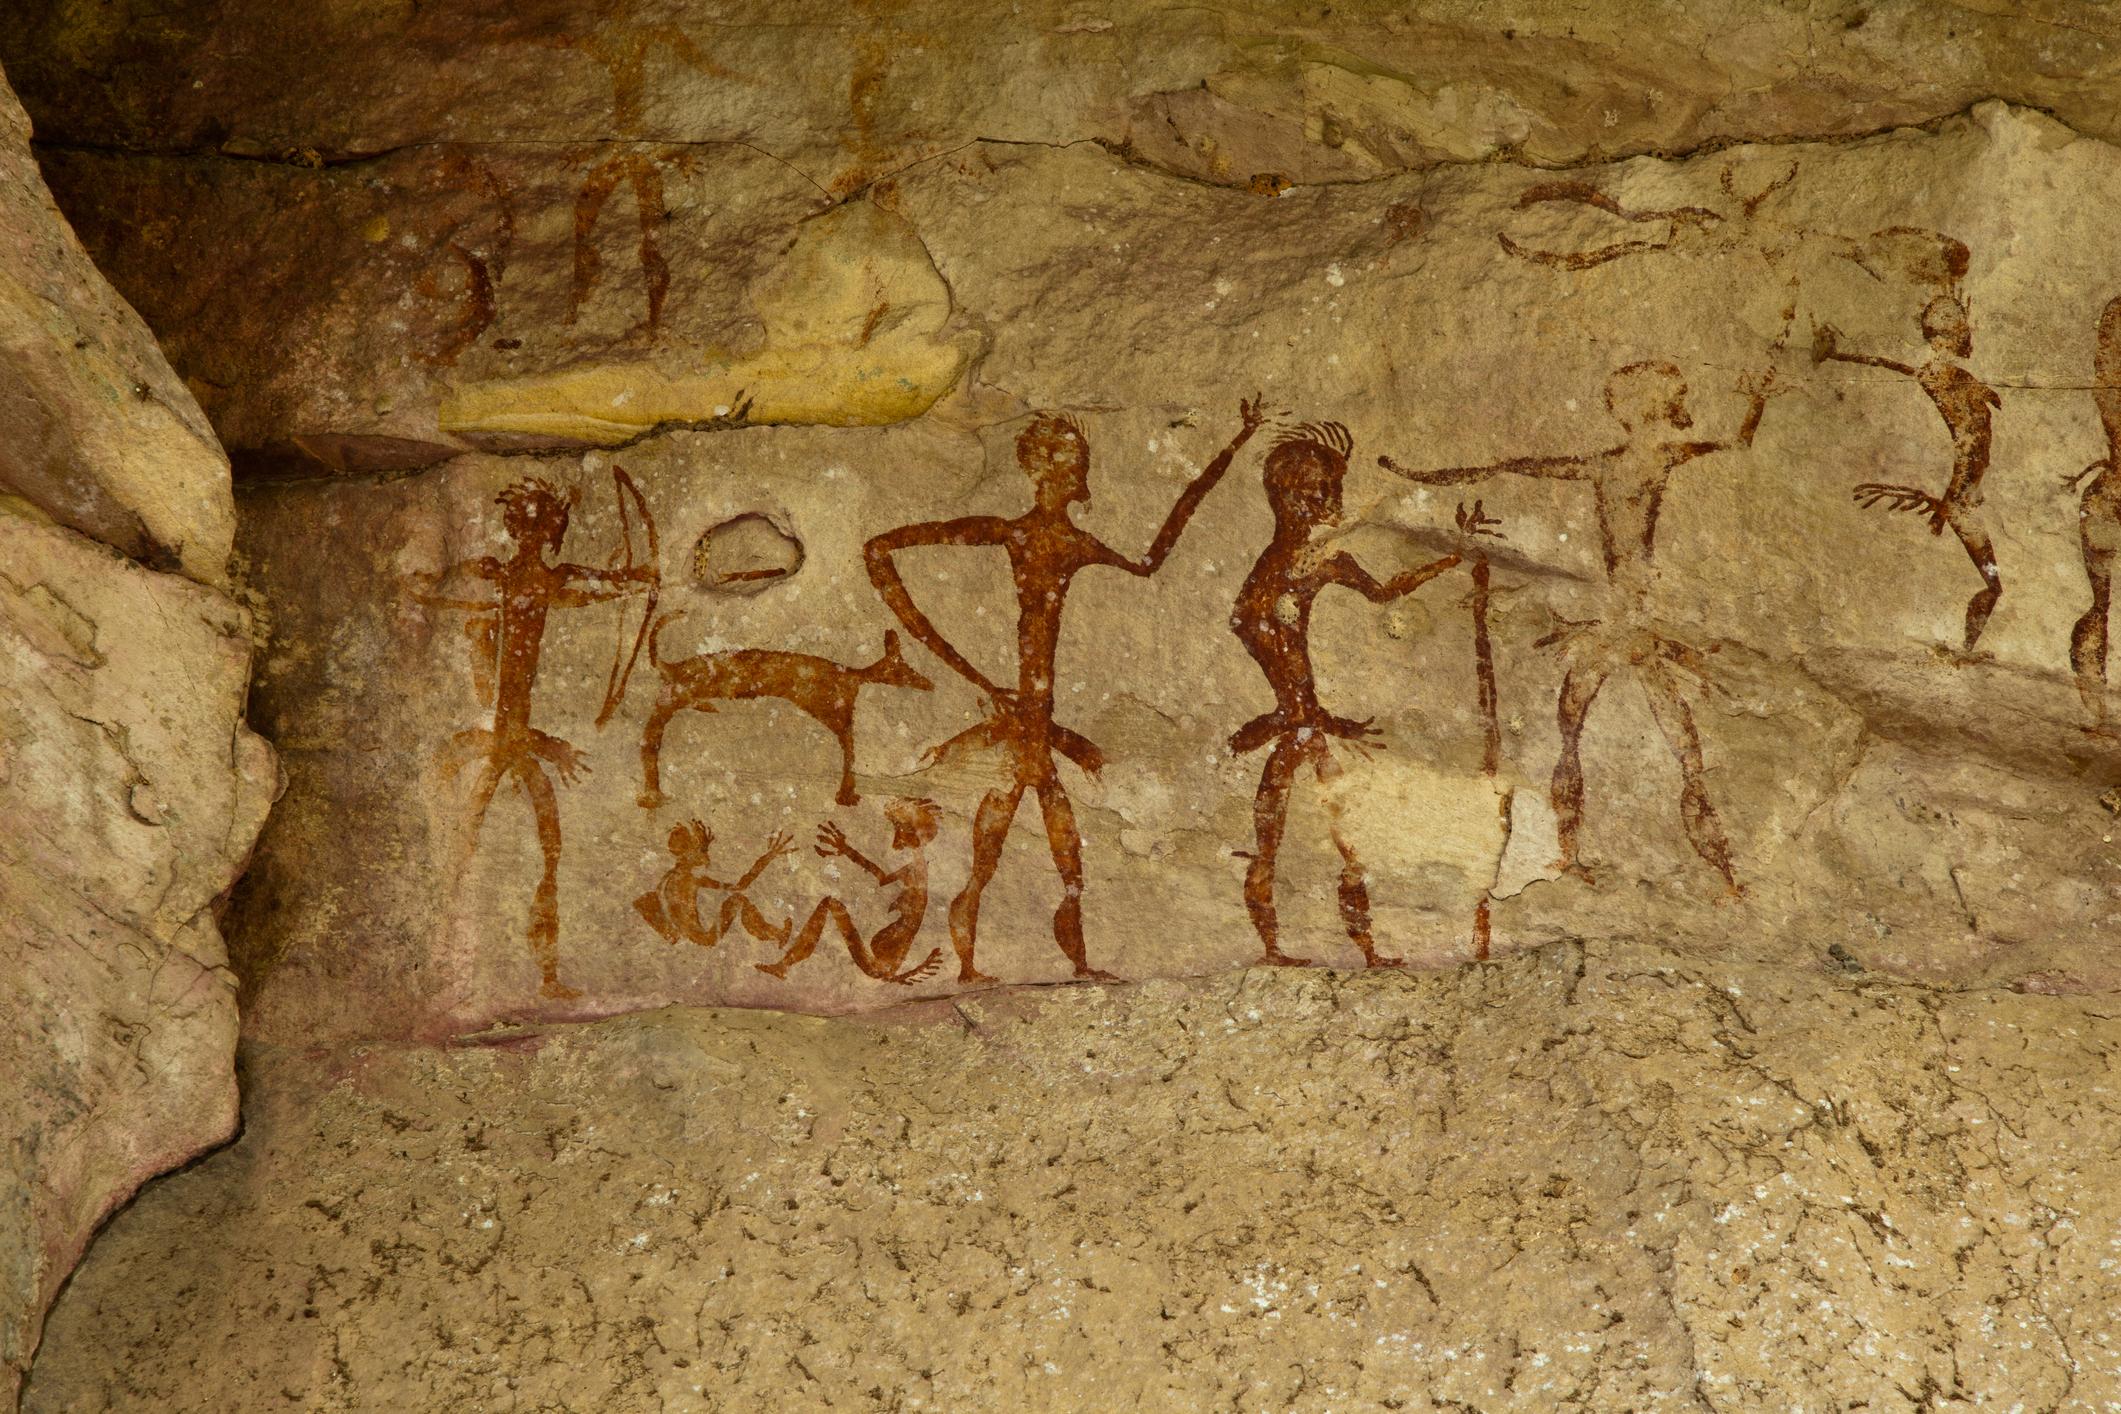 Forscher entdecken fast 44.000 Jahre alte Felsmalereien in Höhle in Indonesien